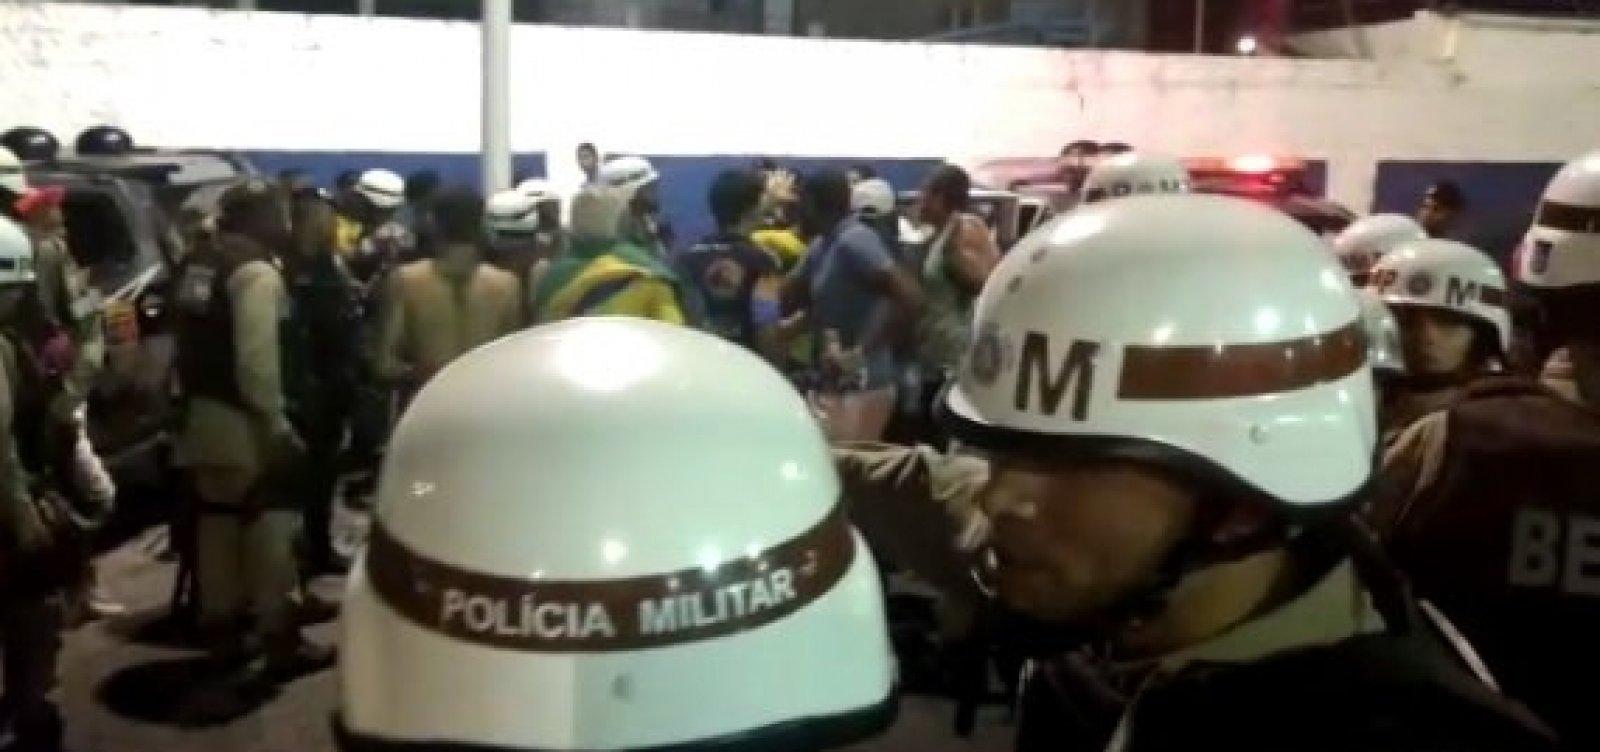 [Soldado acusado de ferir quatro pessoas em ato pró-Bolsonaro na Barra é preso; veja vídeo]